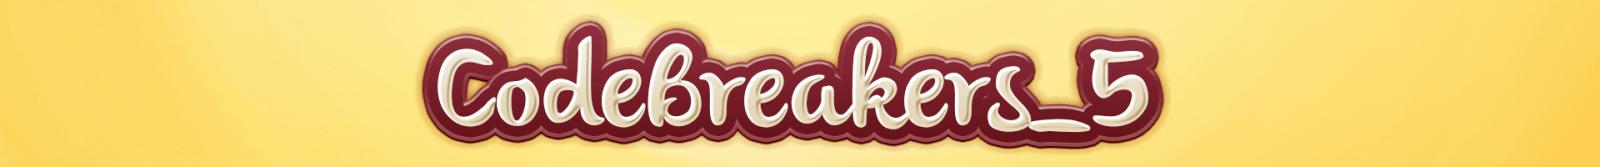 Codebreakers_5 - İnceleme ve Kaçış Ekibi Yorumları